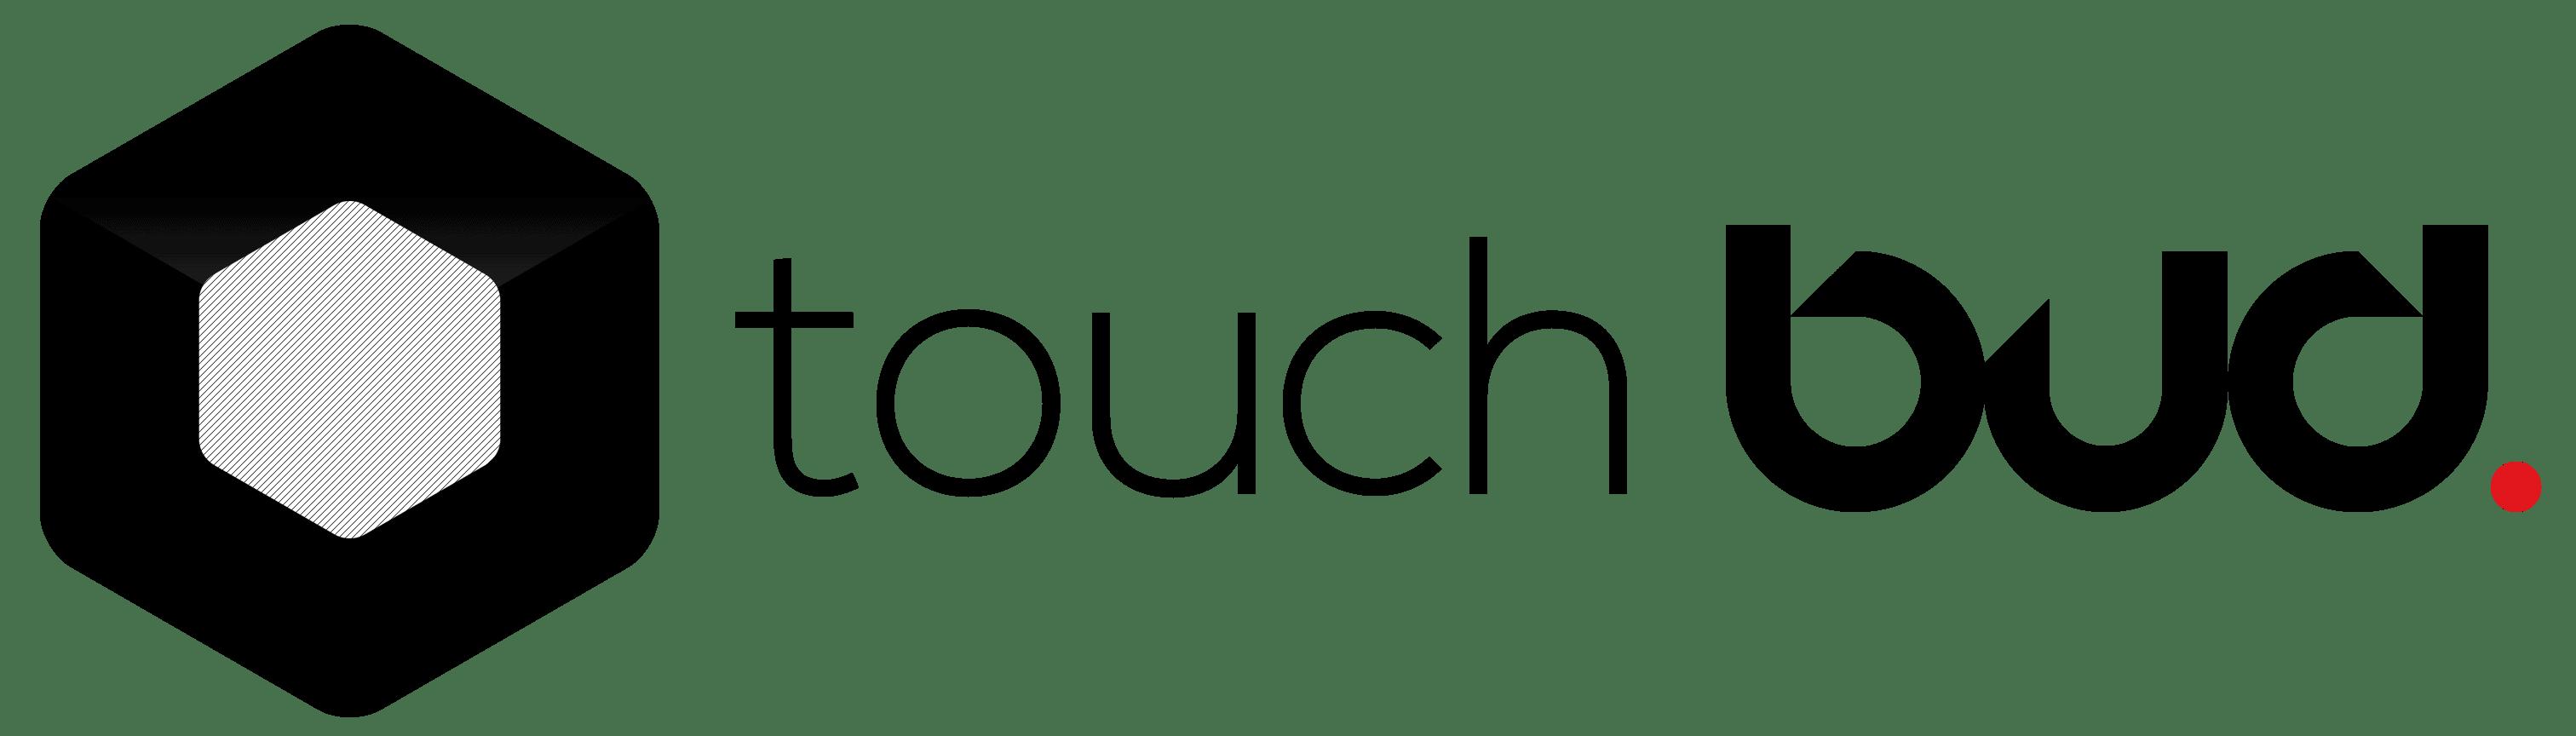 touchbud_logo_v9